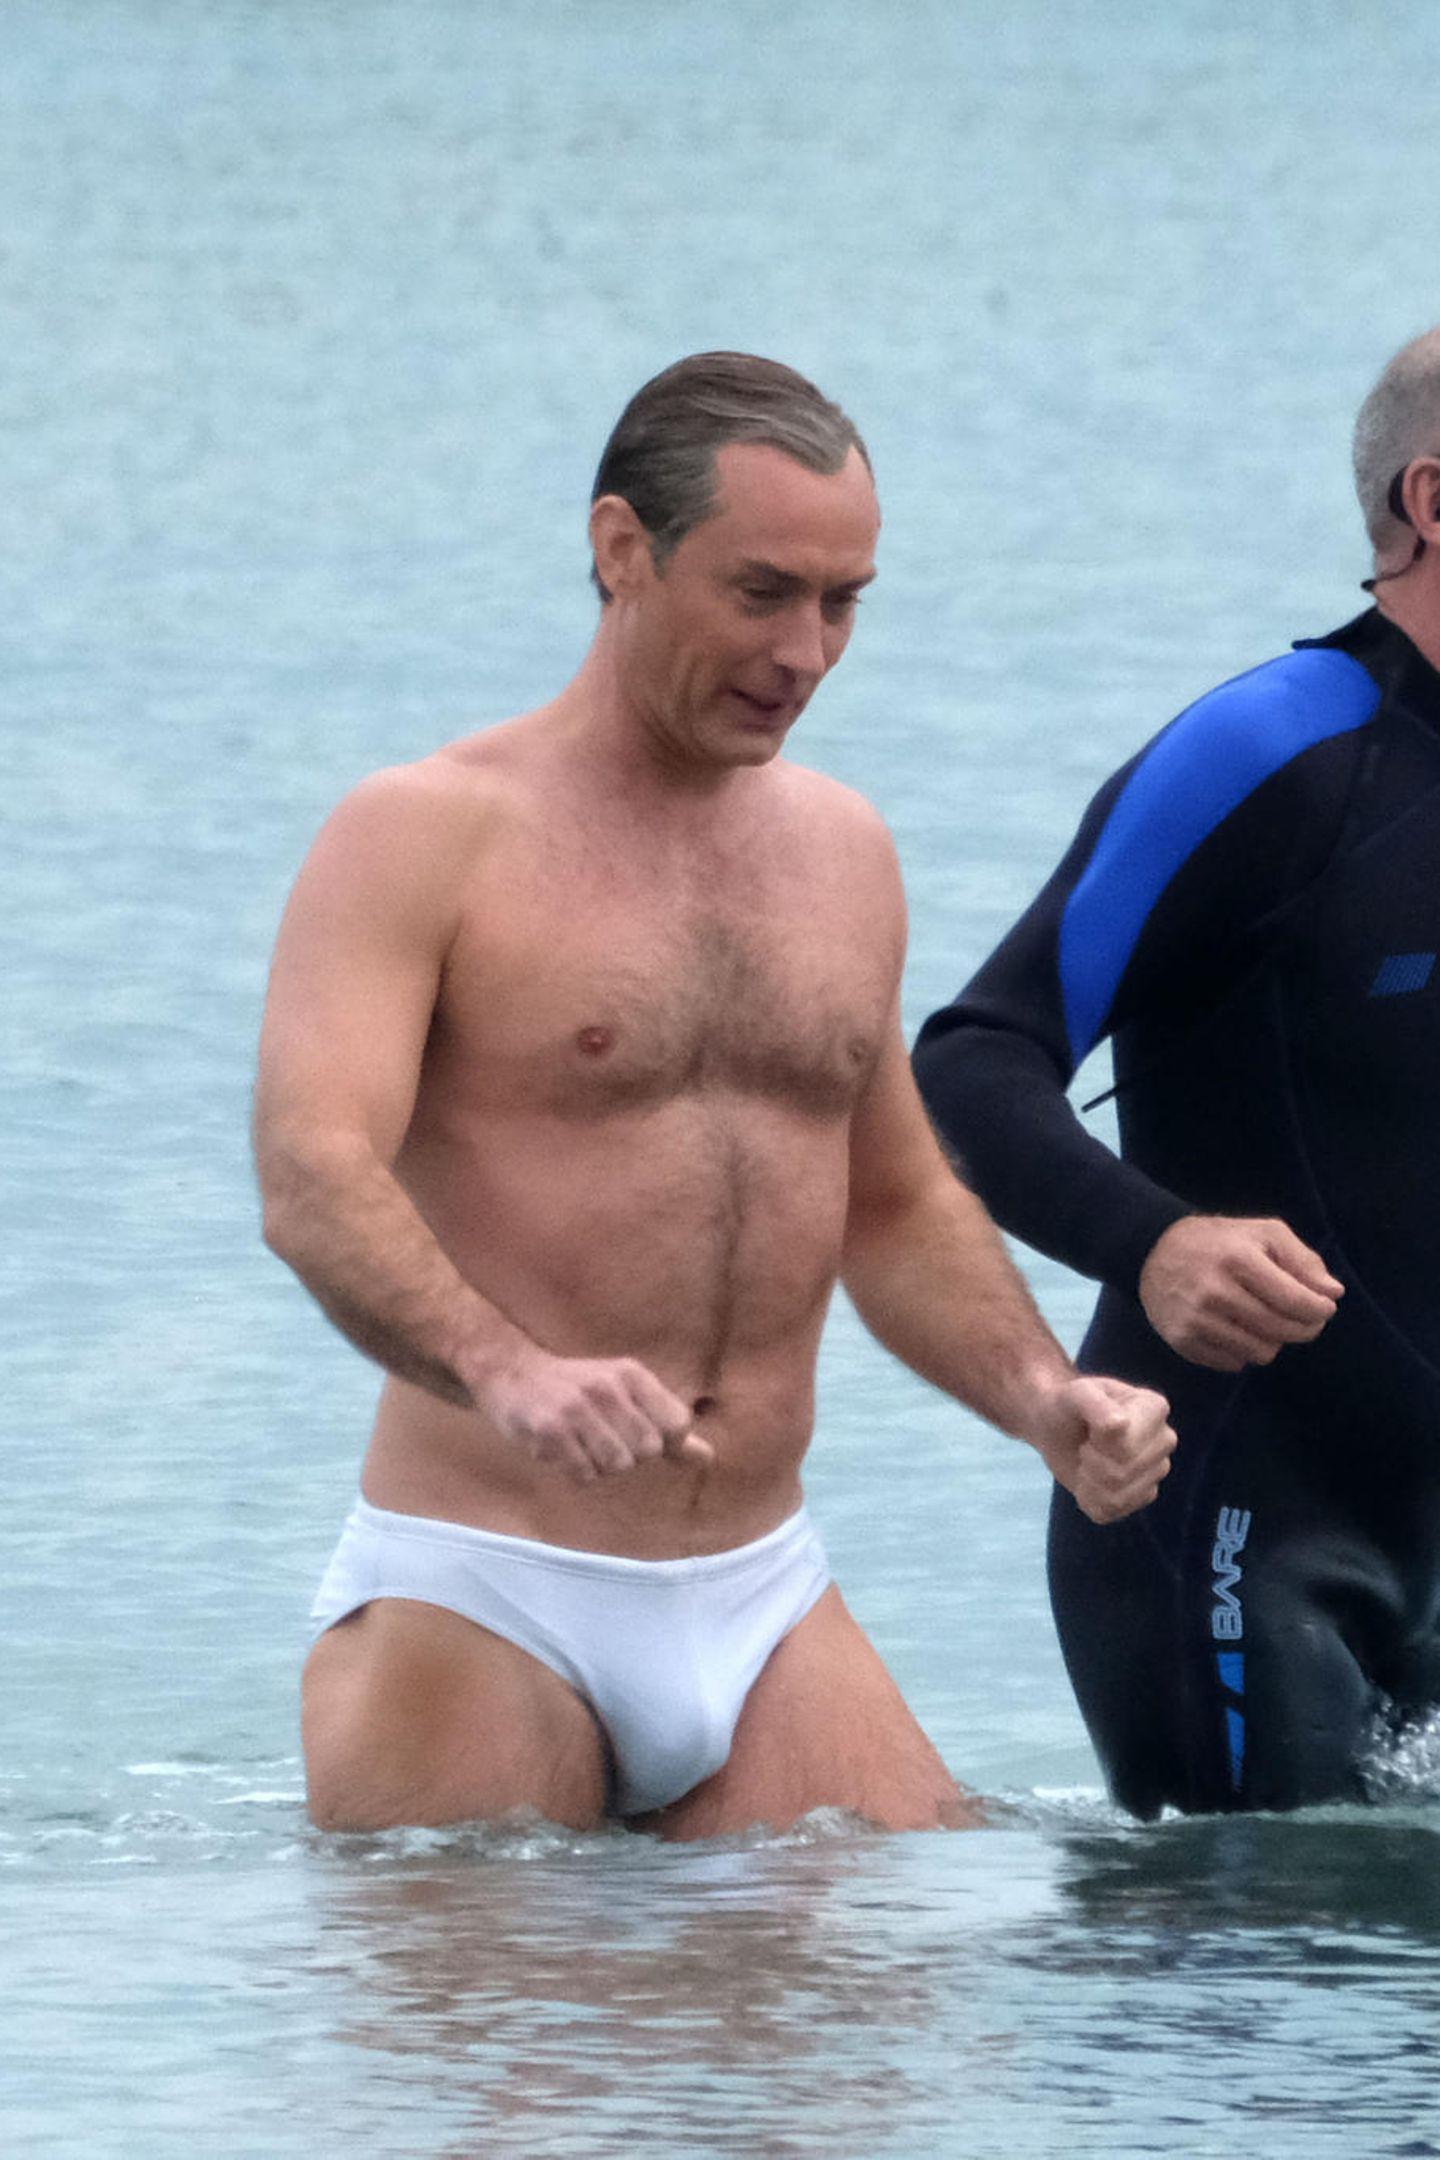 """Bei den Dreharbeiten zur Serie """"The New Pope"""" entsteigt Jude Law in äußerst knapper Badeshorts dem Meer vor Venedig. Ein gar nicht mal so keuscher Auftritt vom sexy Briten."""